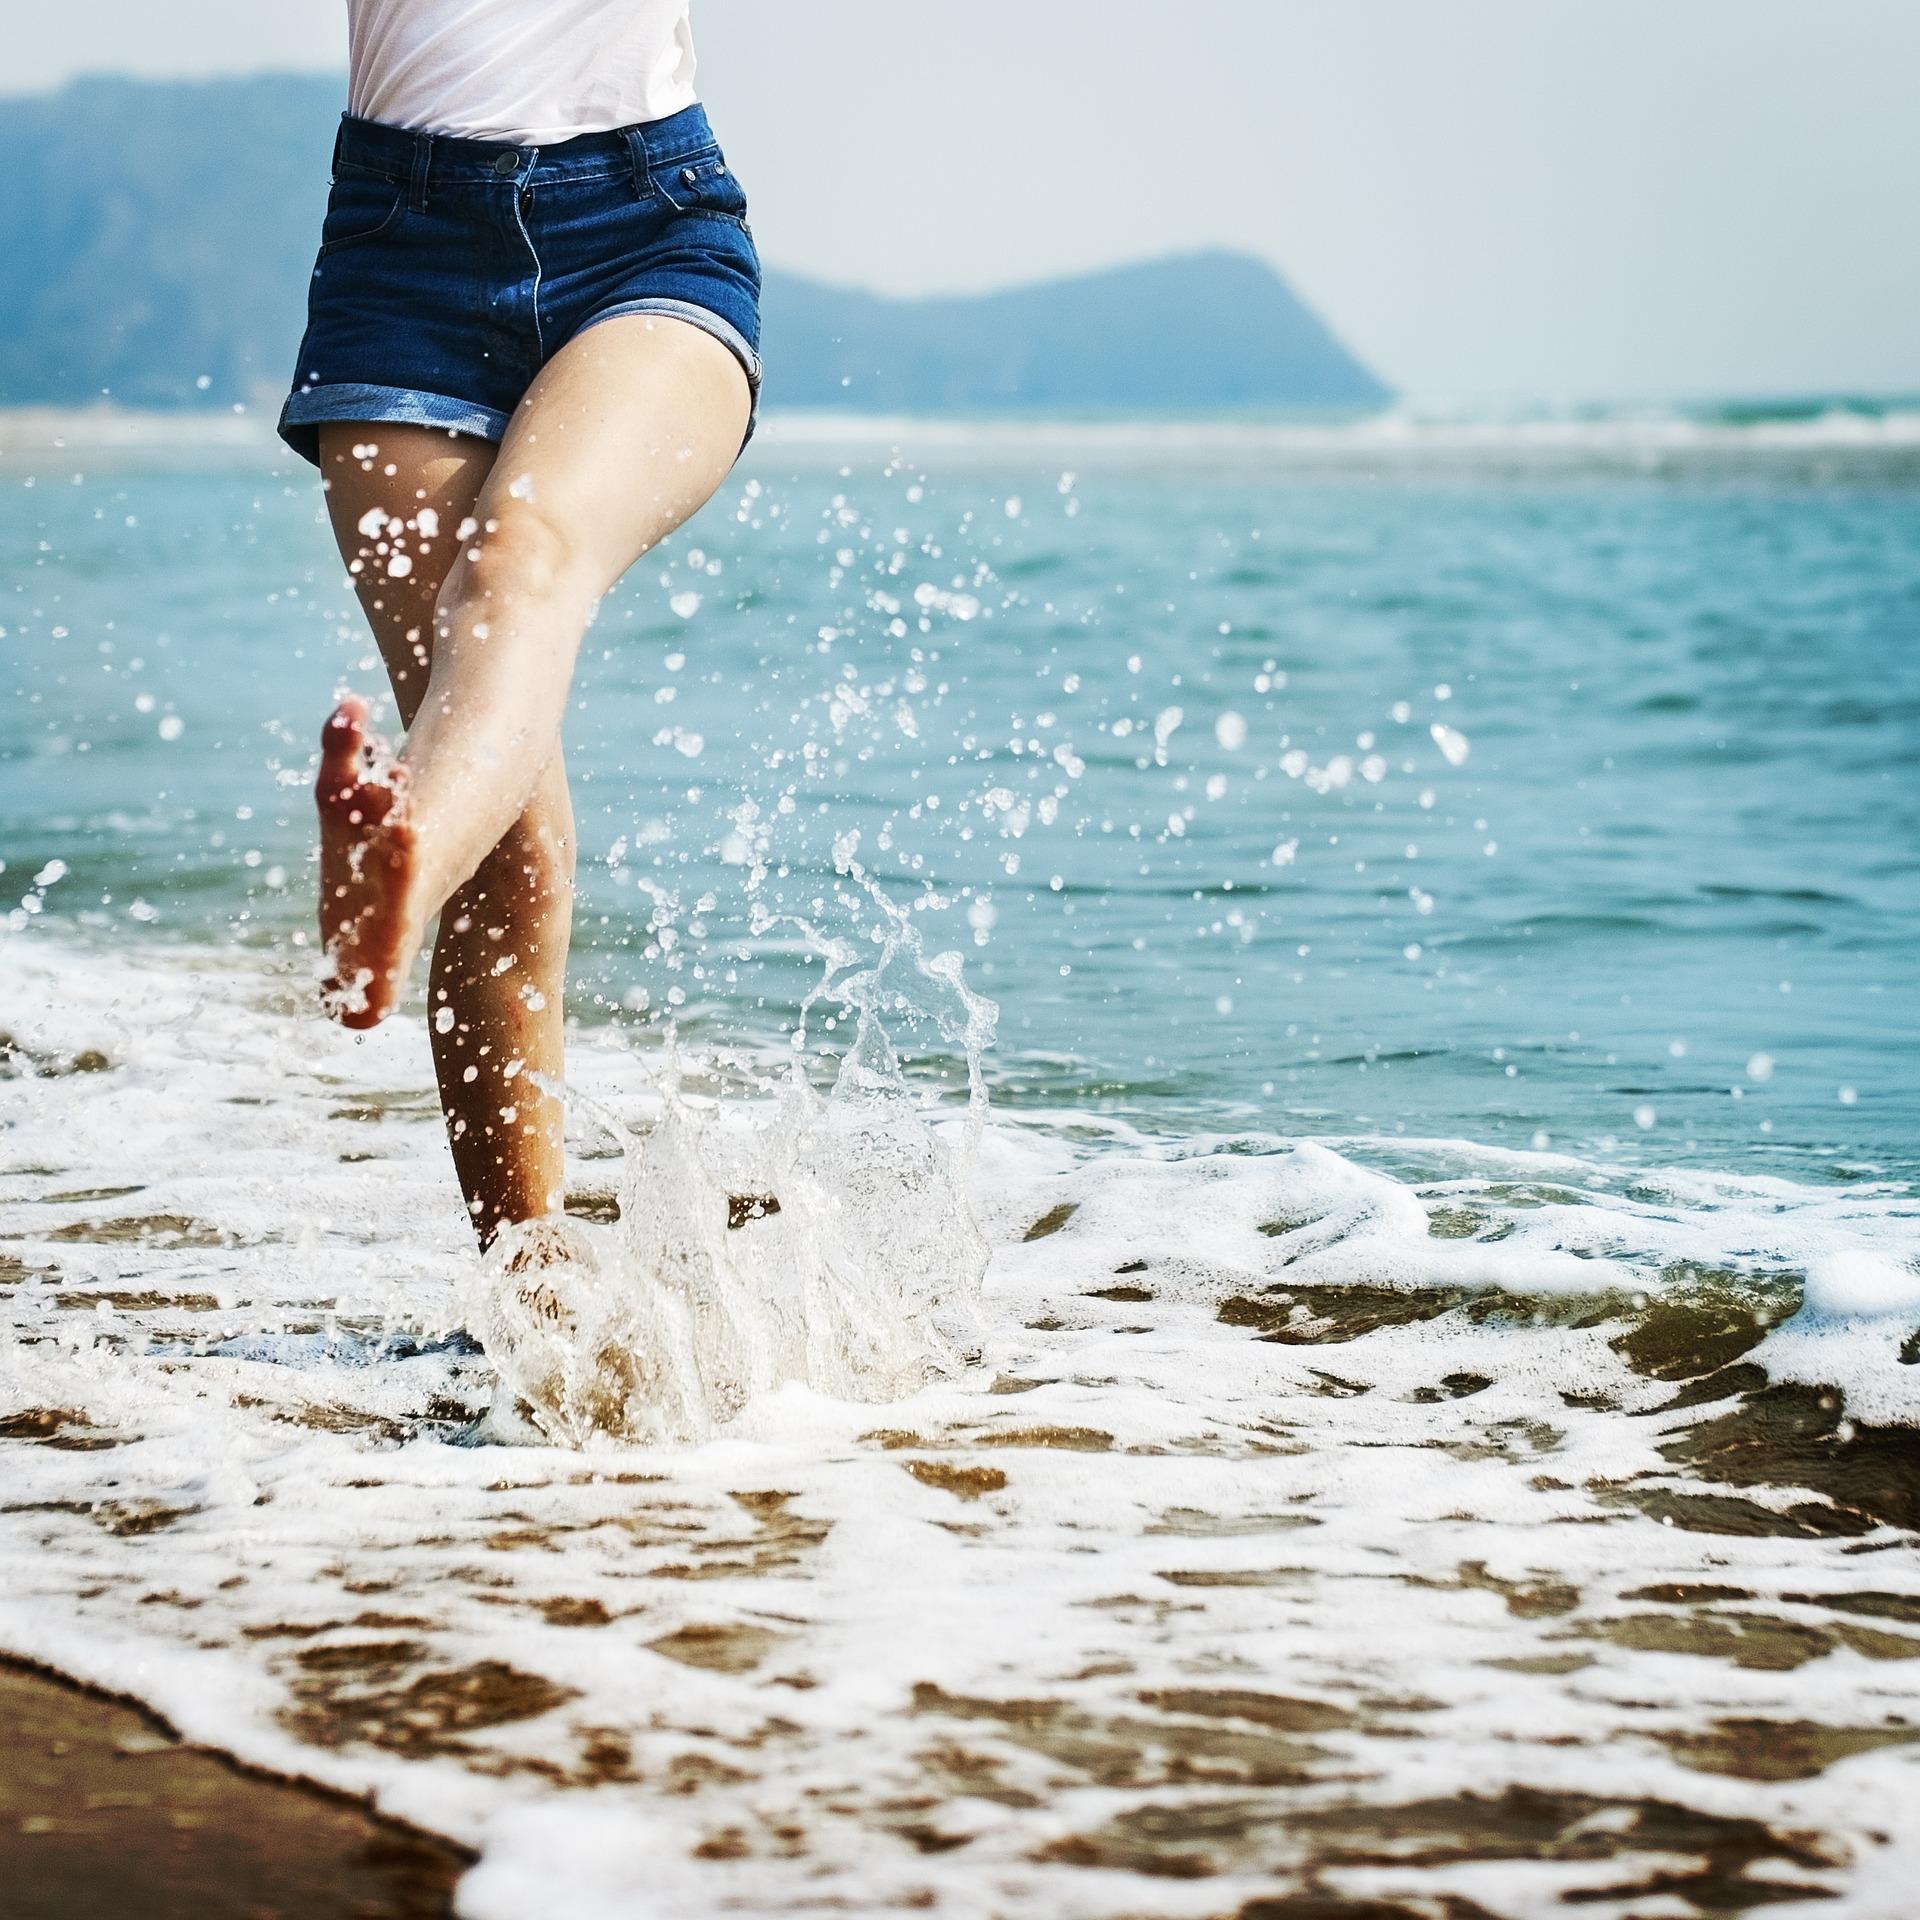 Sfrutta il più possibile il tuo tempo libero! - Sfrutta l'estate ed ogni altro momento di break per recuperare un po' di riposo e per imparare a ridurre il livello di stress nella tua vita quotidiana. La tua pelle te ne sarà visibilmente grata.